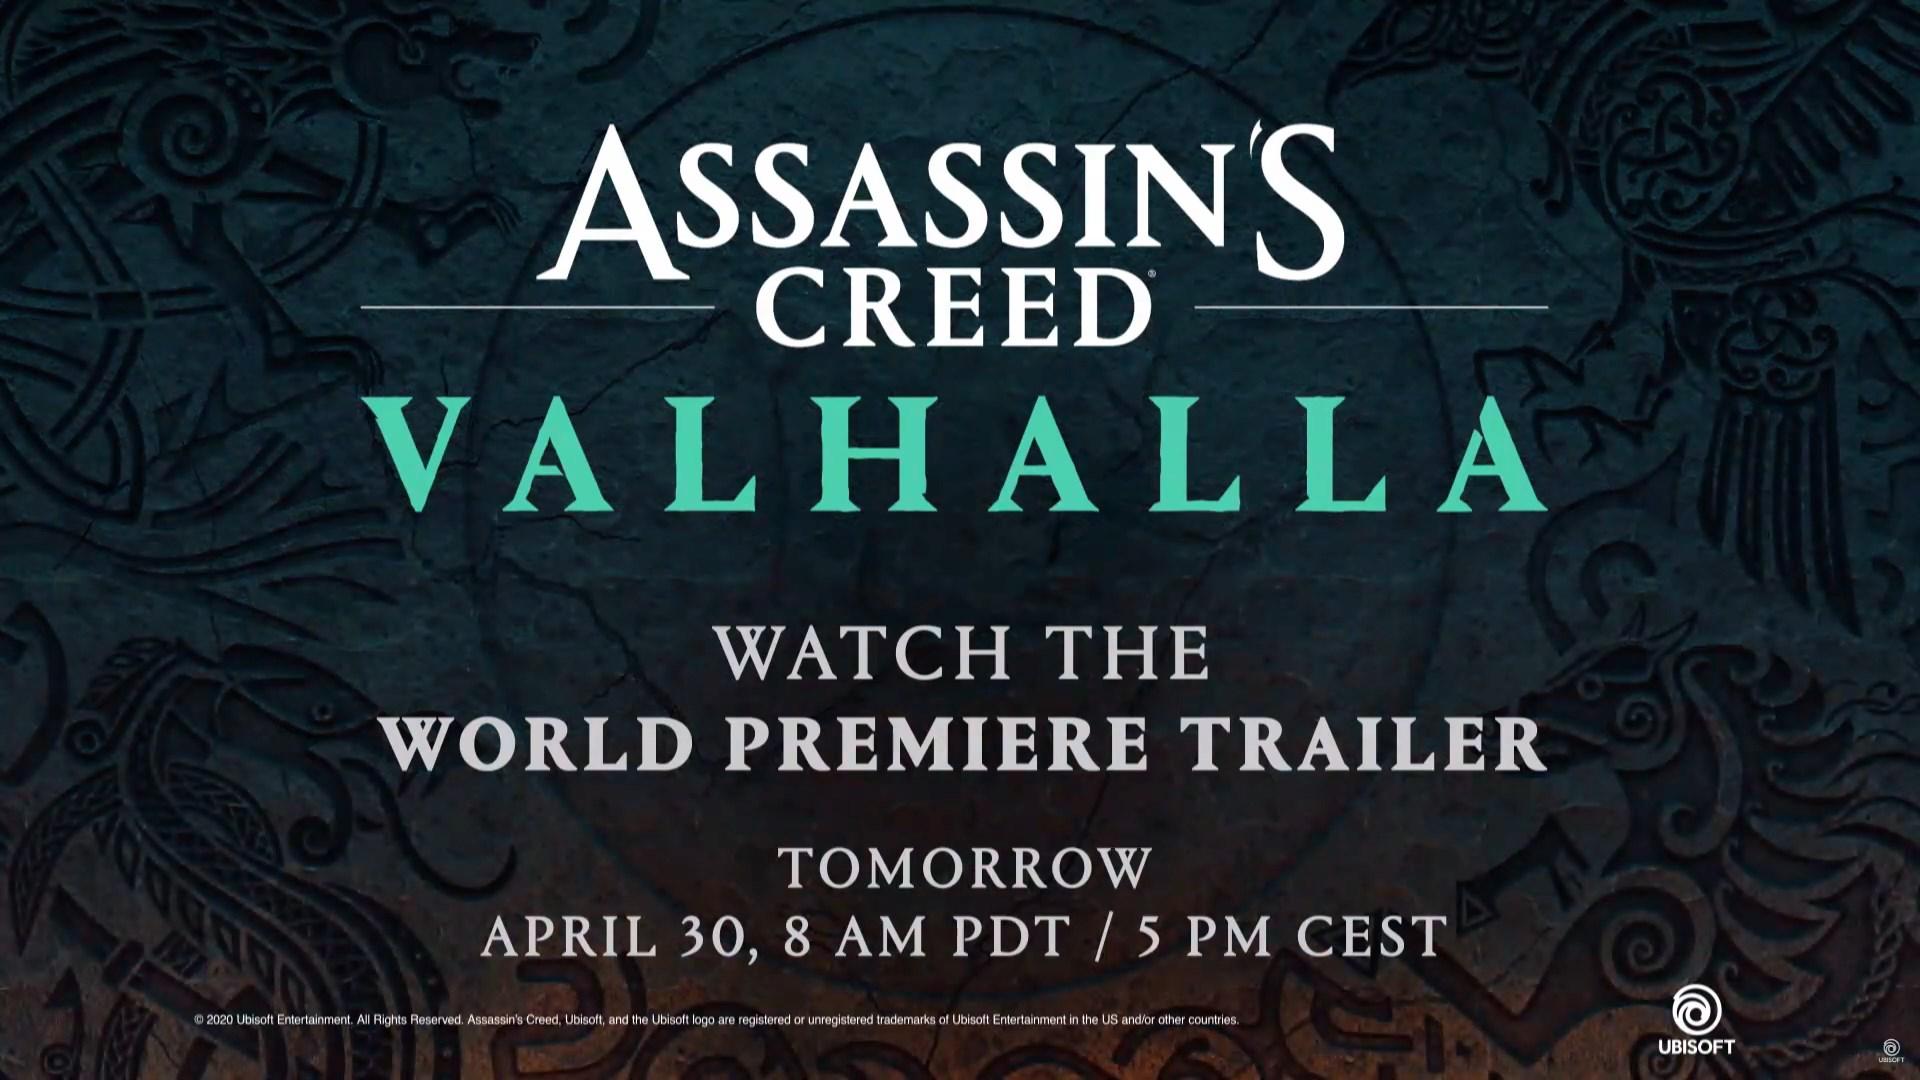 Poznaliśmy tytuł najnowszej odsłony Assassin's Creed - już nie mogę się doczekać!